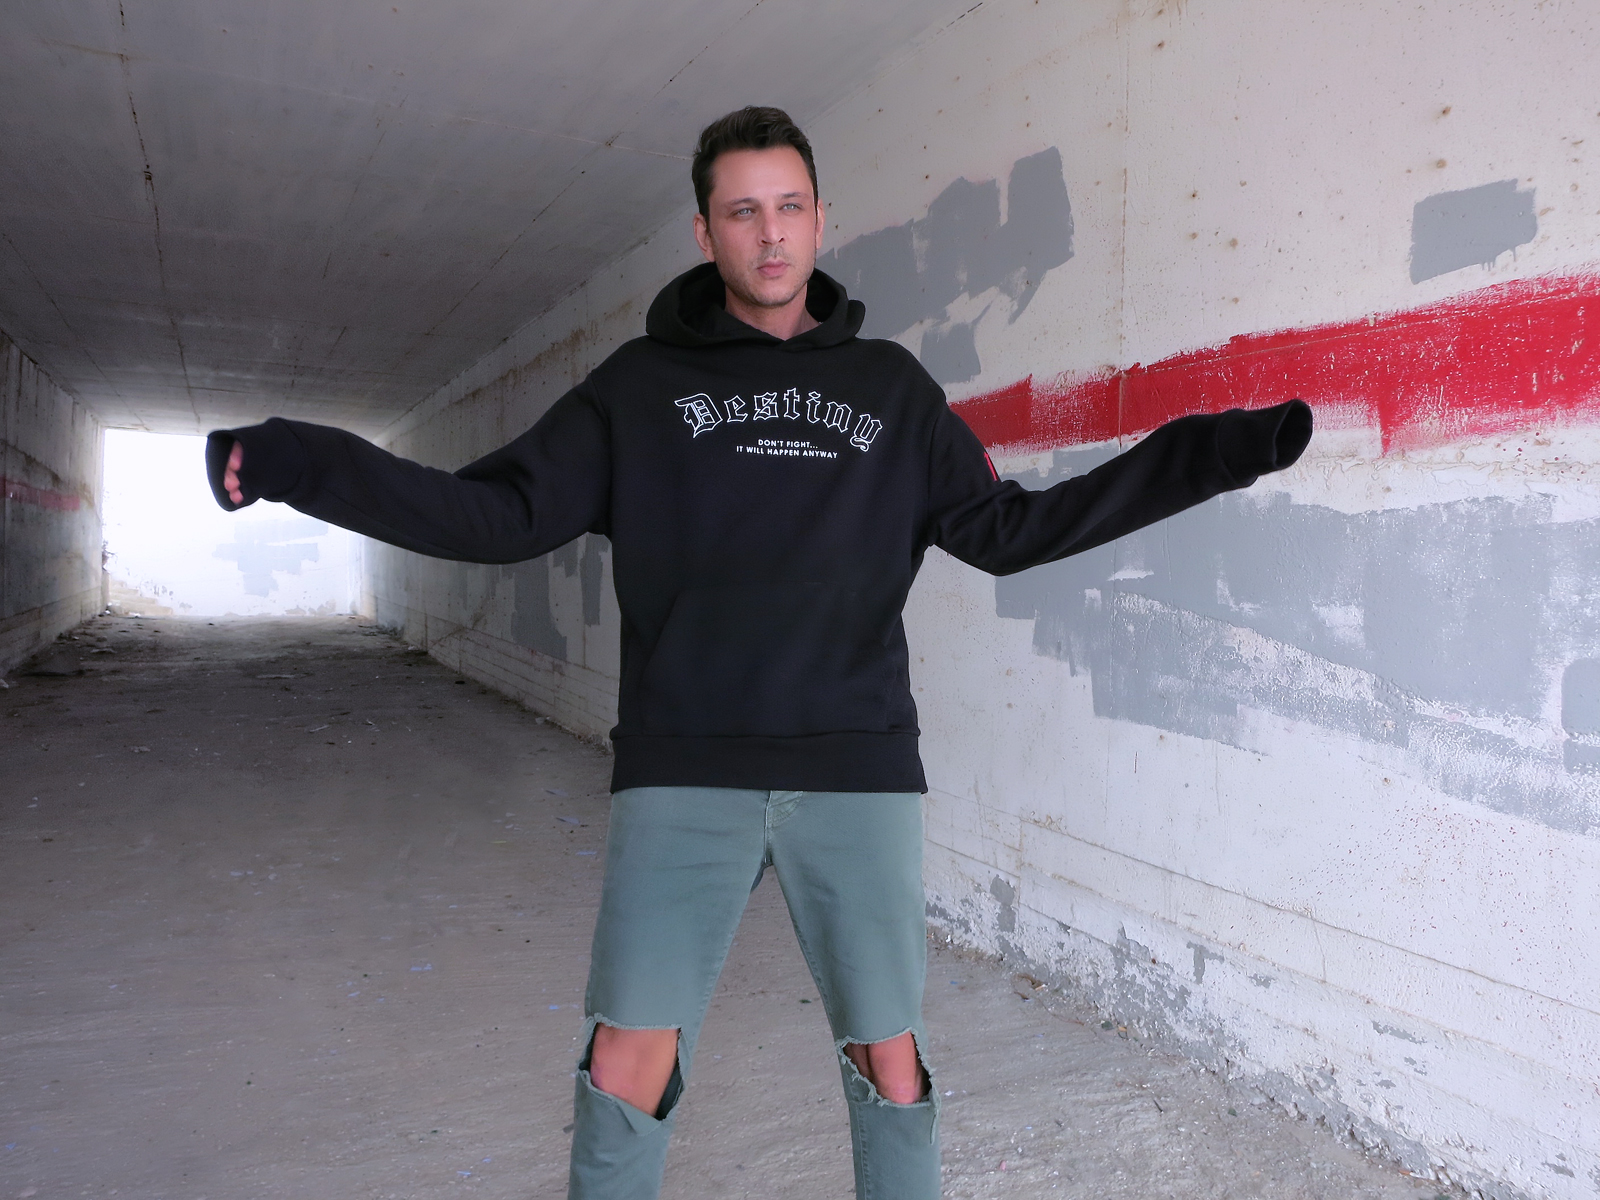 bershka_sweatshirt_stylentonic